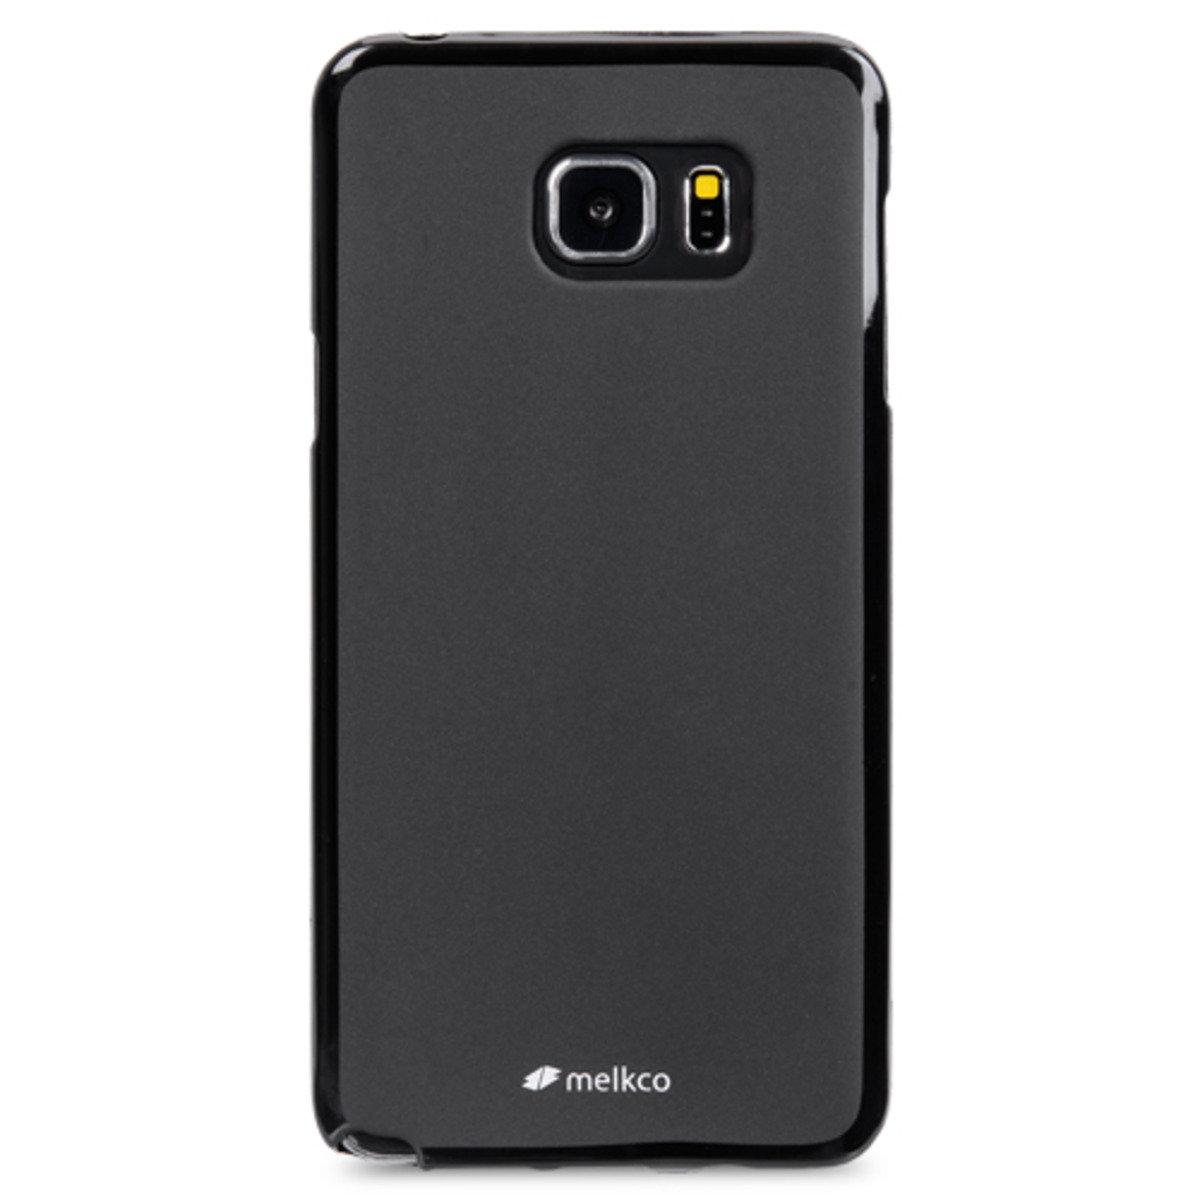 Galaxy Note 5 Poly Jacket手機保護殼 - 黑色(附送屏幕保護貼)